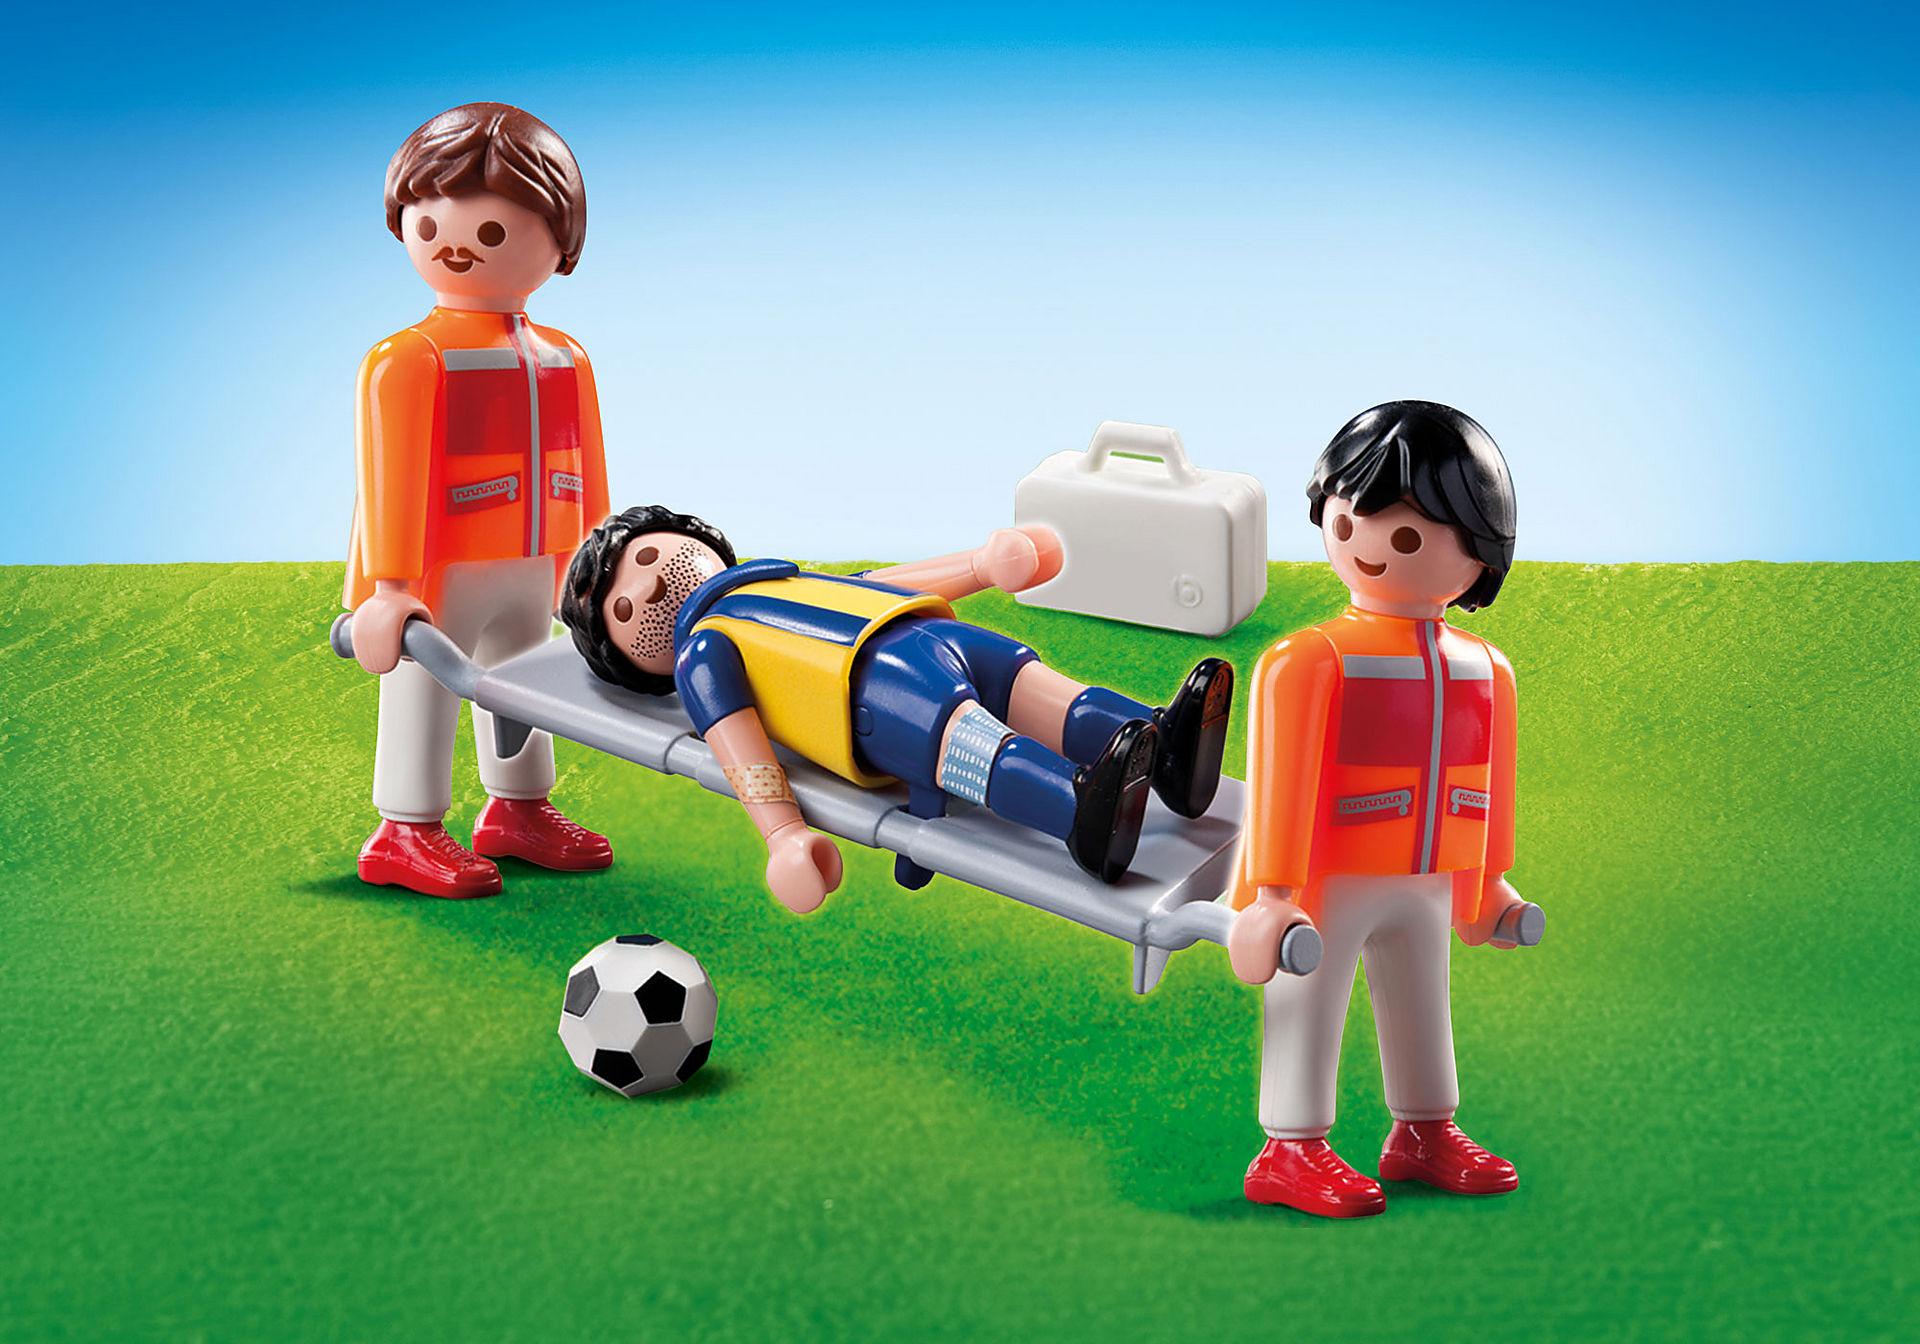 http://media.playmobil.com/i/playmobil/9826_product_detail/Sanitäter mit Fußballspieler